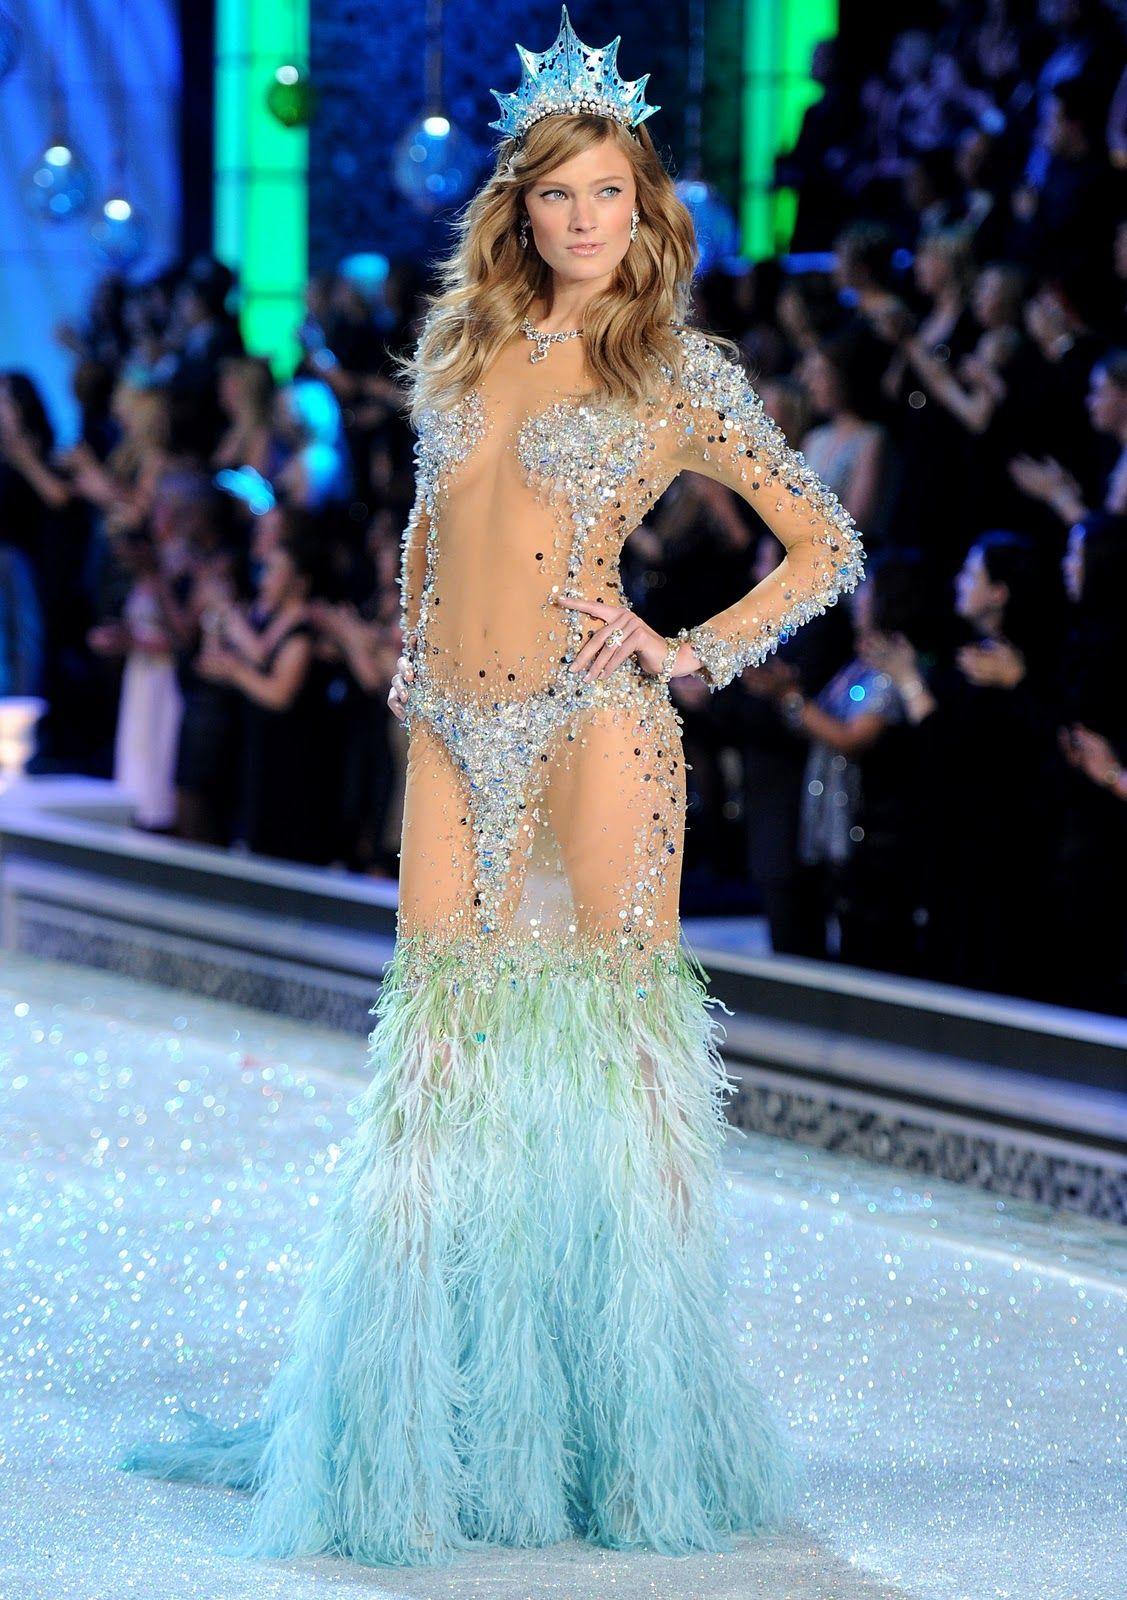 35ba16d3352 Constance Jablonski  Victoria s Secret Fashion Show 2011 HQ - Models  Inspiration